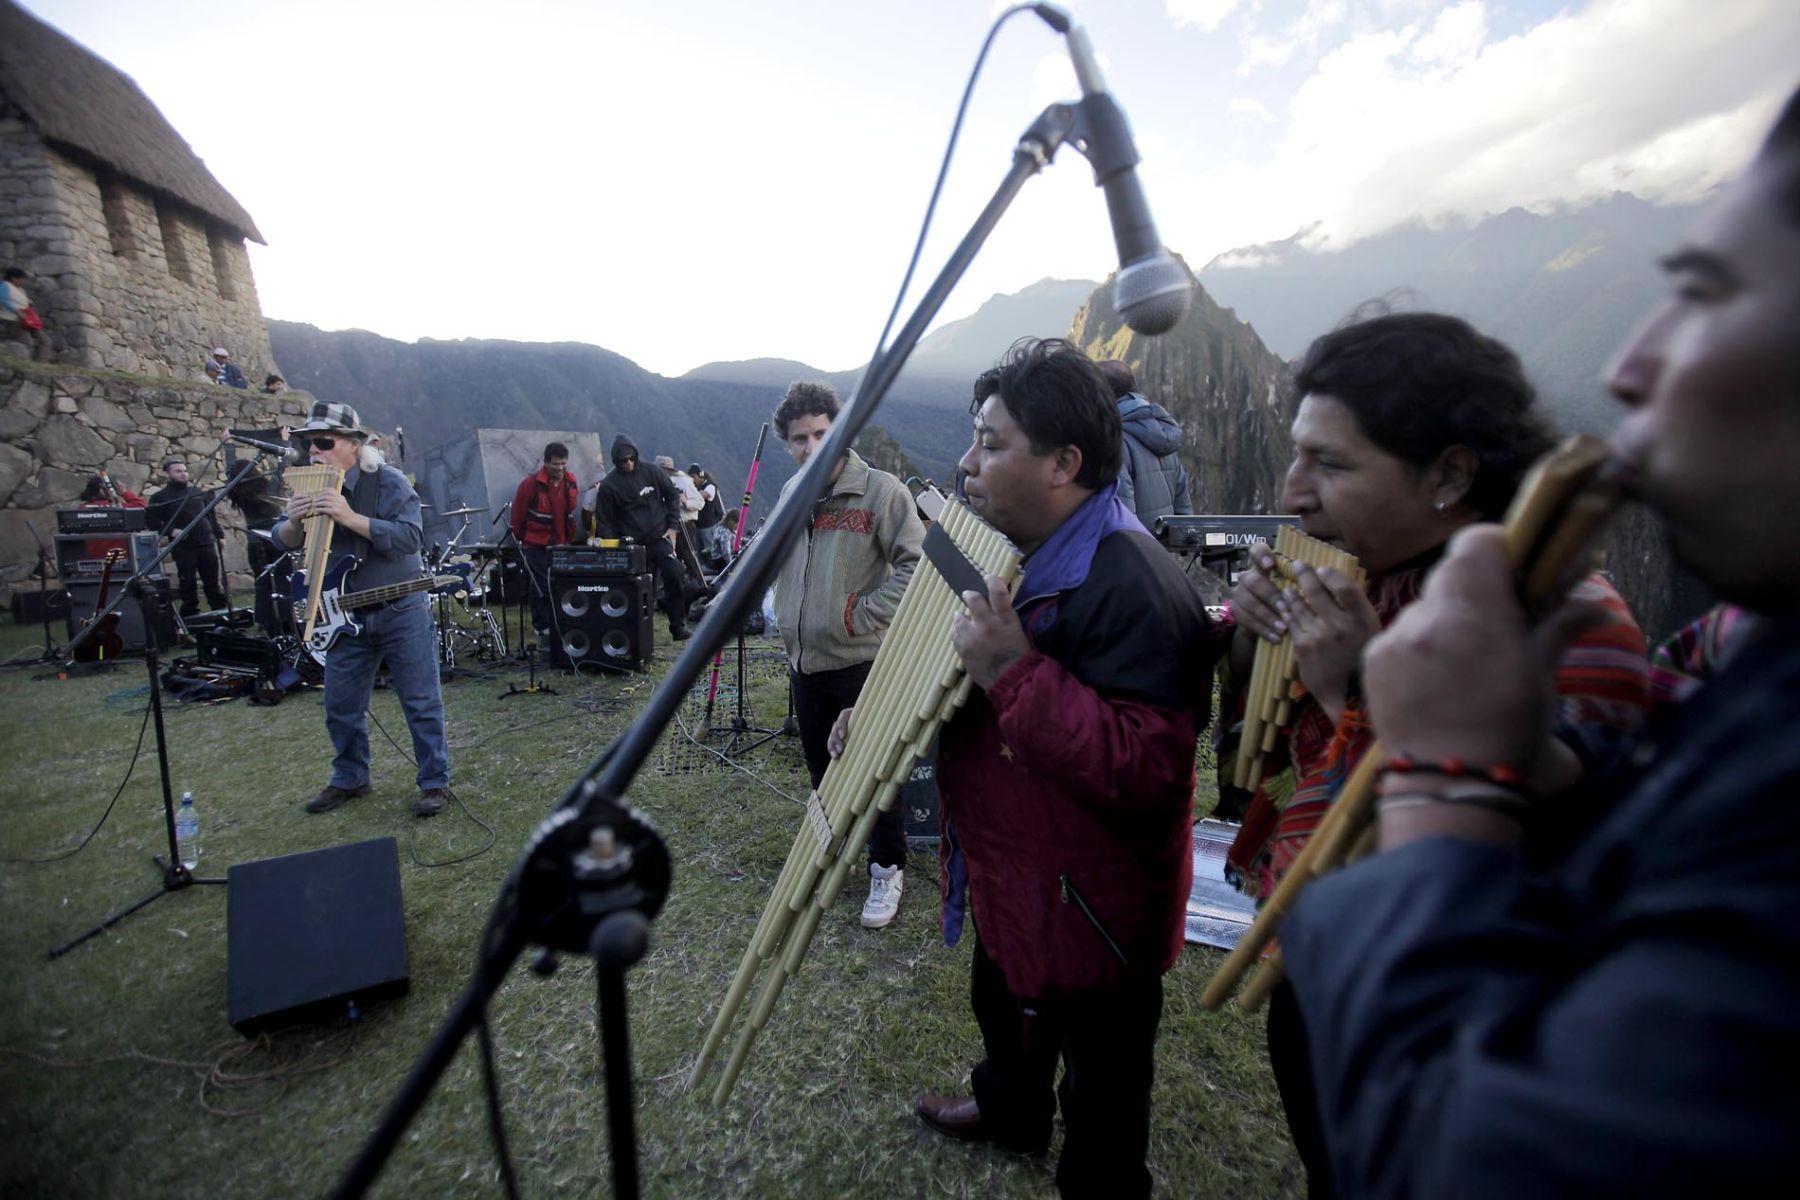 Integrantes del grupo Los Jaivas realizan pruebas de sonido para el concierto que realizarán mañana en la ciudadela de Machu PicchuFoto: ANDINA/Alberto Orbegoso